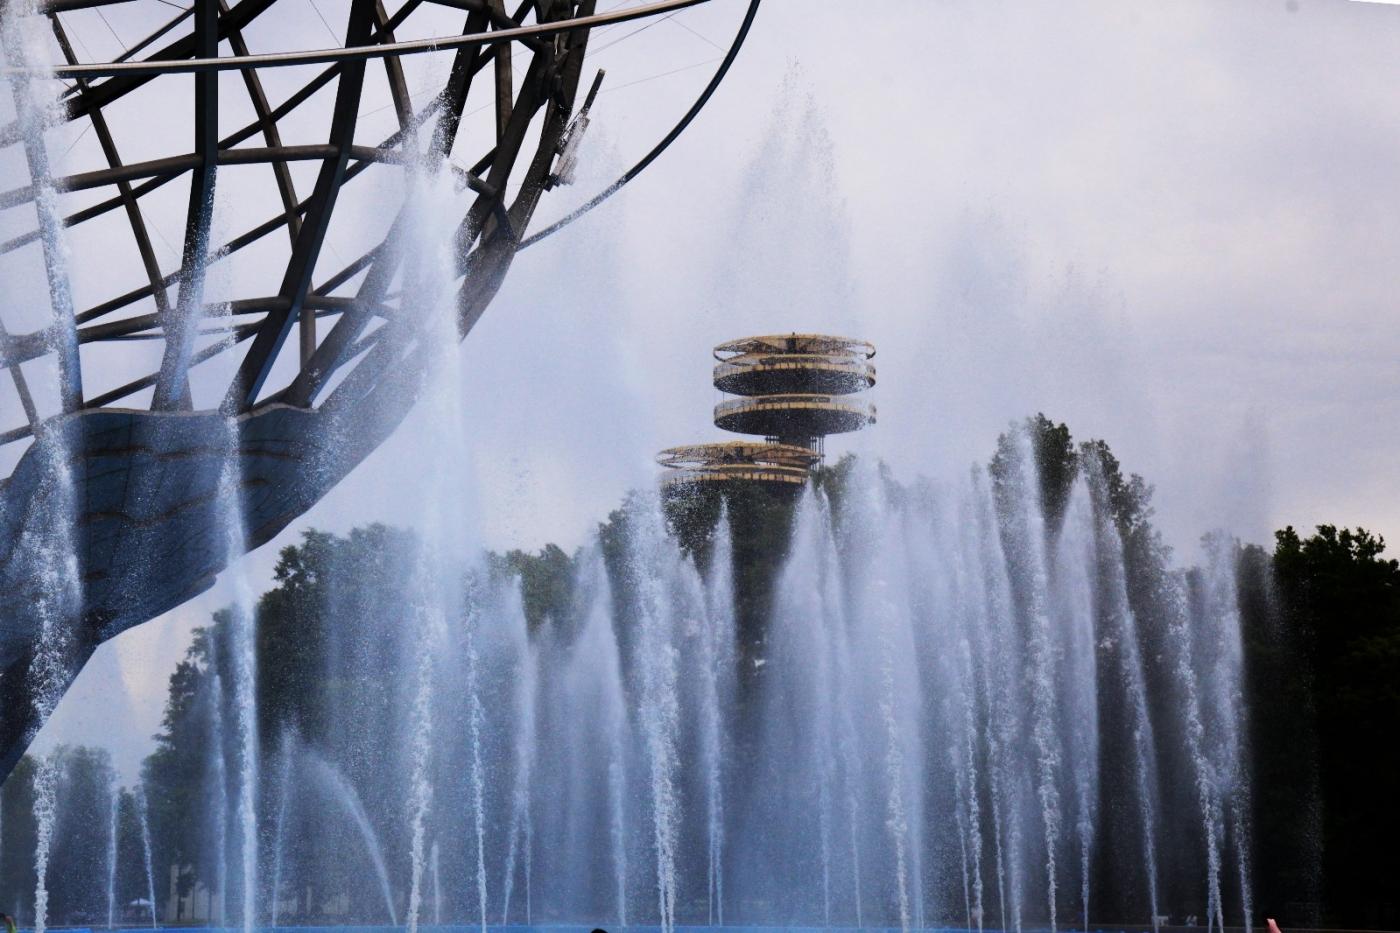 炎夏的可乐娜公园地球仪喷水池,是法拉盛周边居民休闲,娱乐的好地方 ..._图1-8